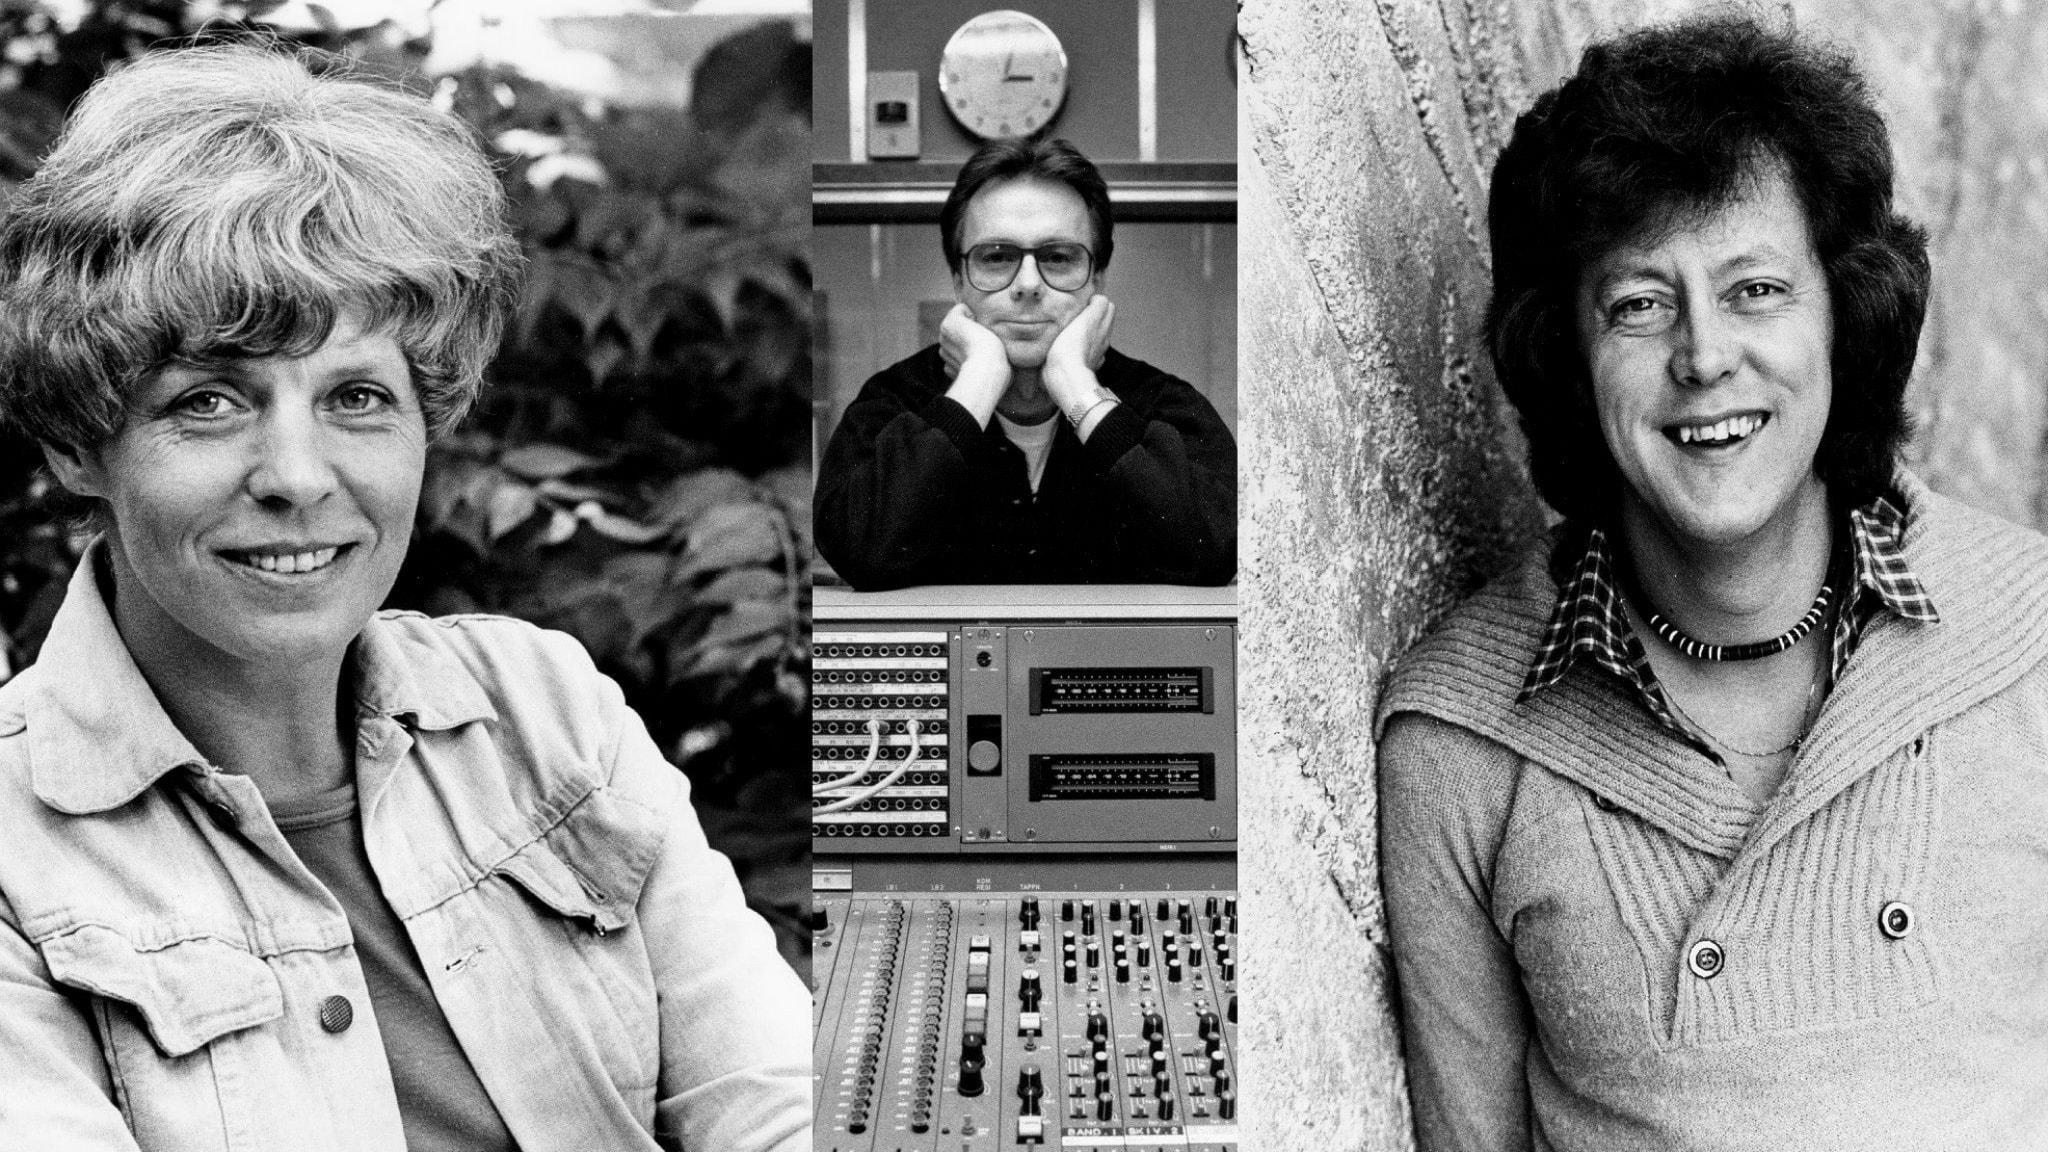 Ett svartvitt bildmontage på Alicia Lundberg Kaj Kindvall och Ulf Elfving. Samtliga bilder är från 70-talet. Kaj har ett mixerbord framför sig i mitten.